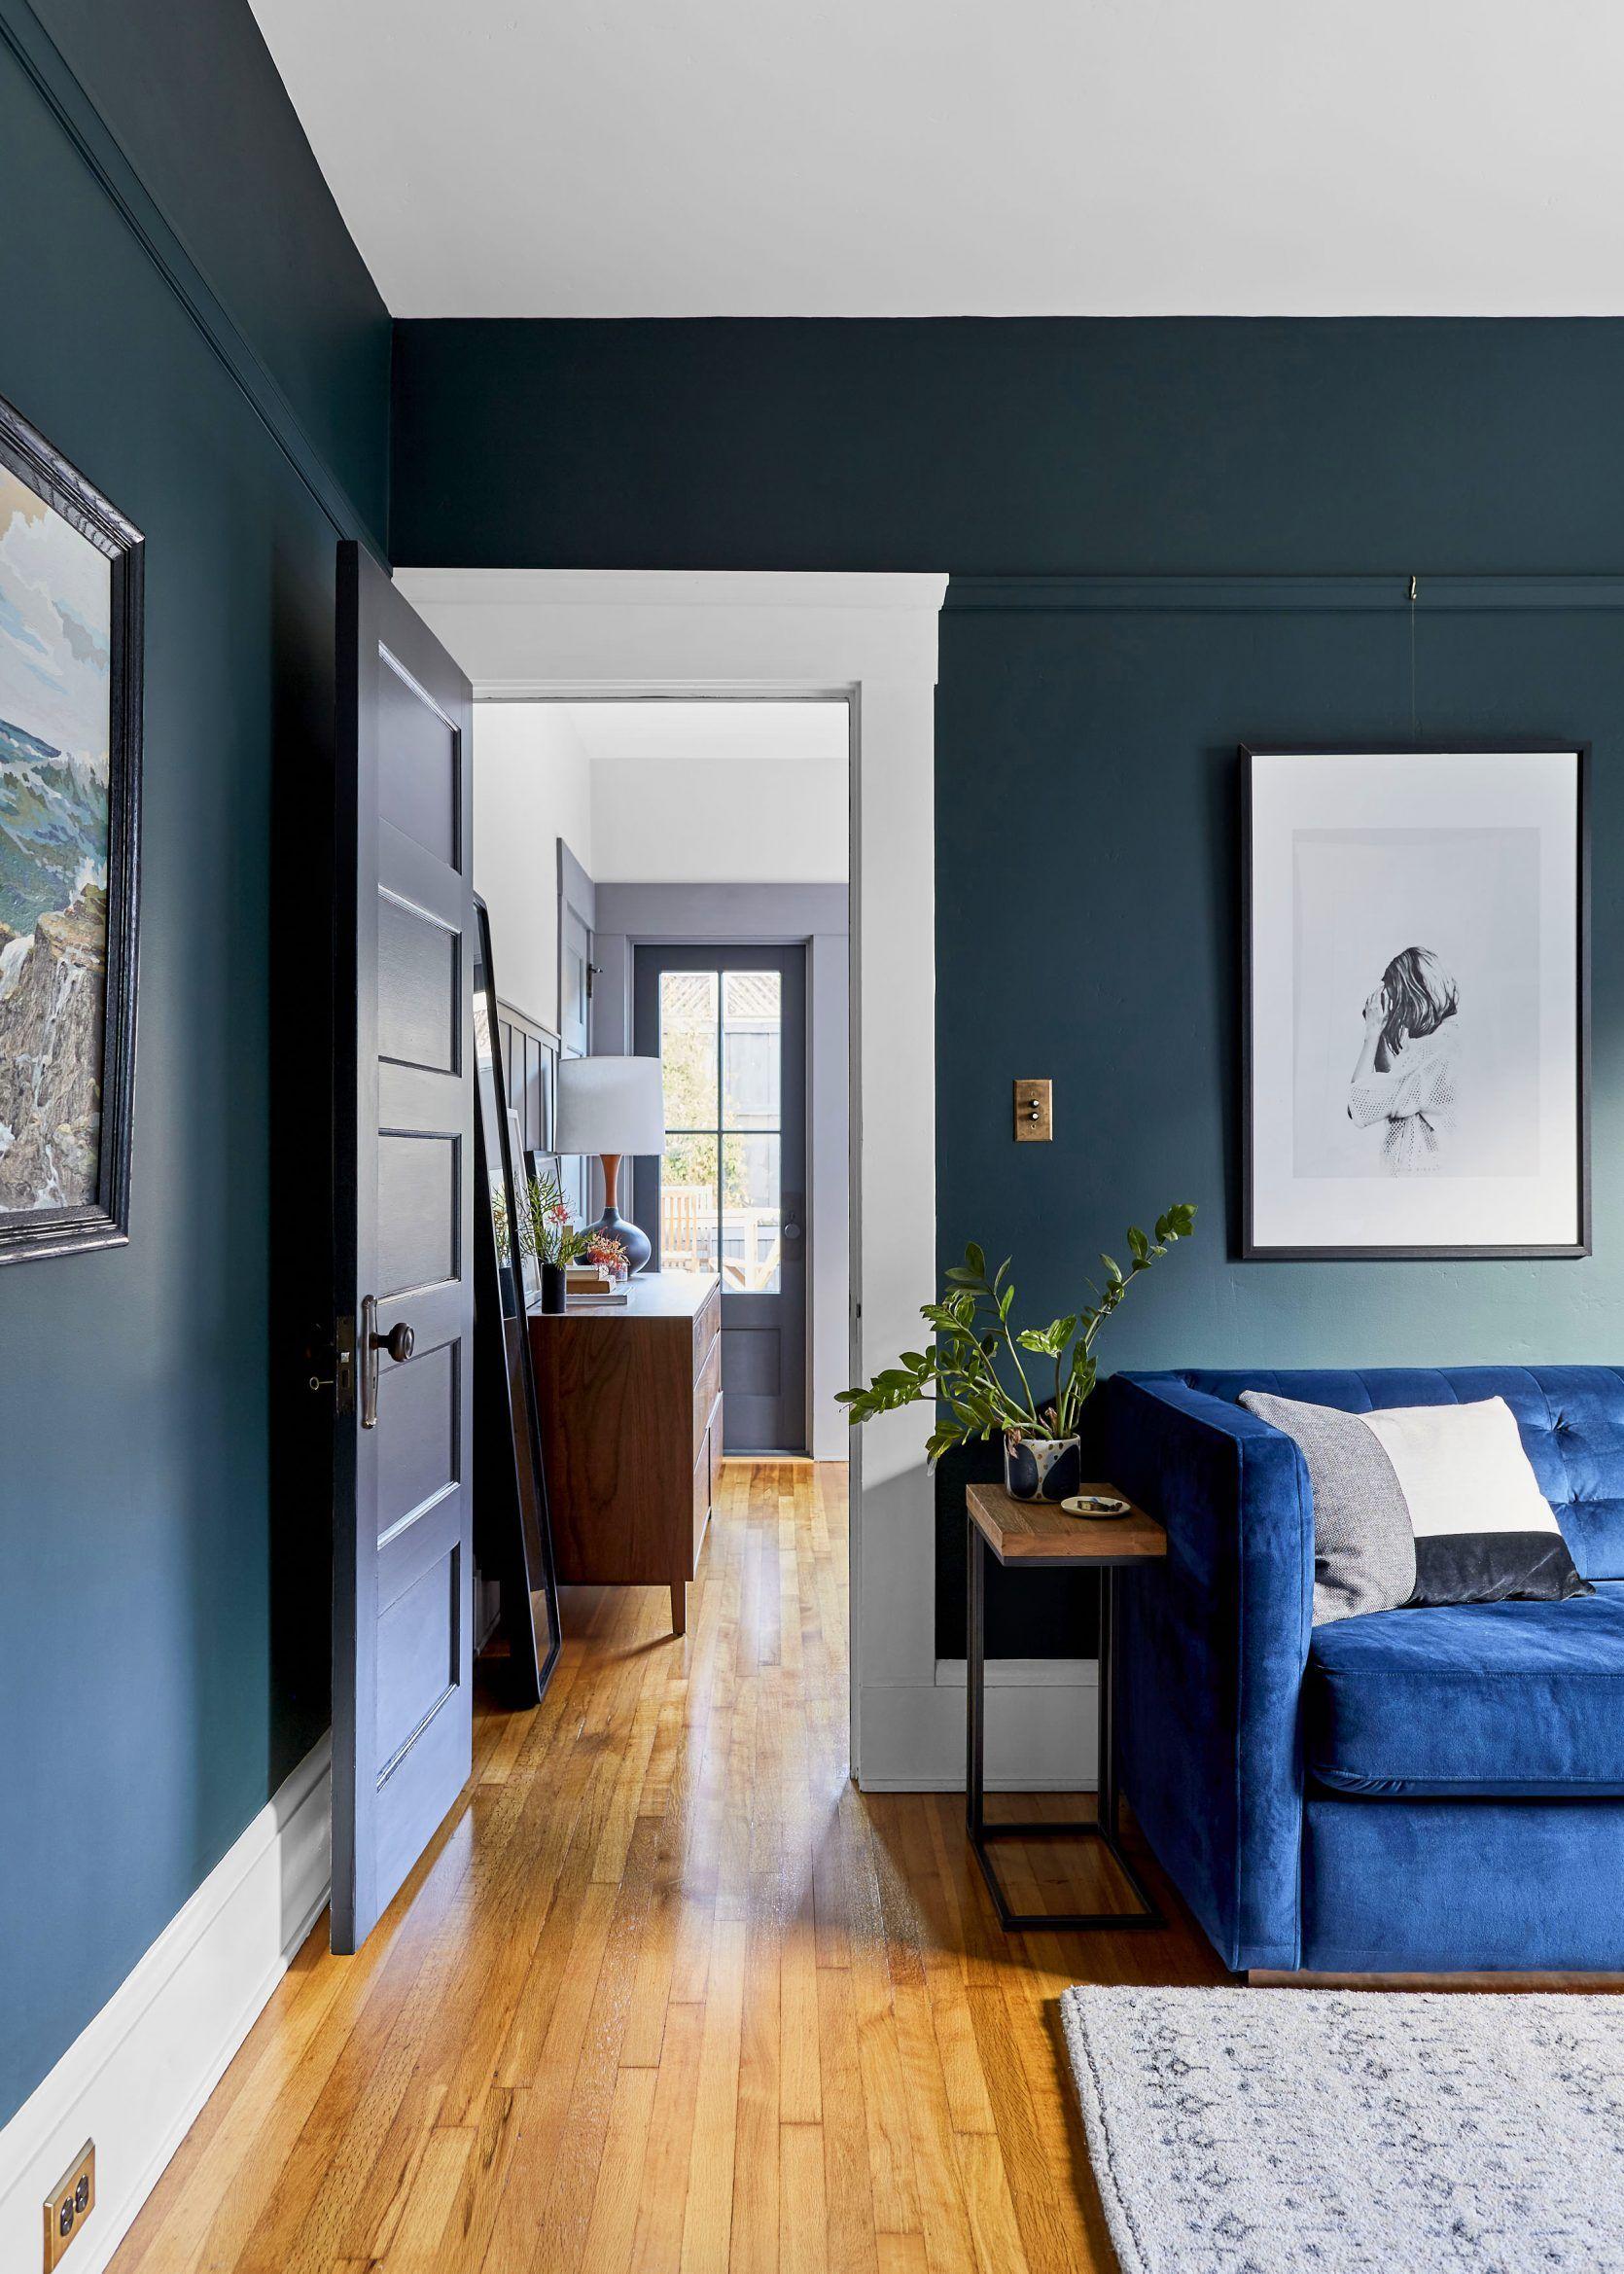 2019 paint color trends paint colors for living room on trendy paint colors living room id=52291